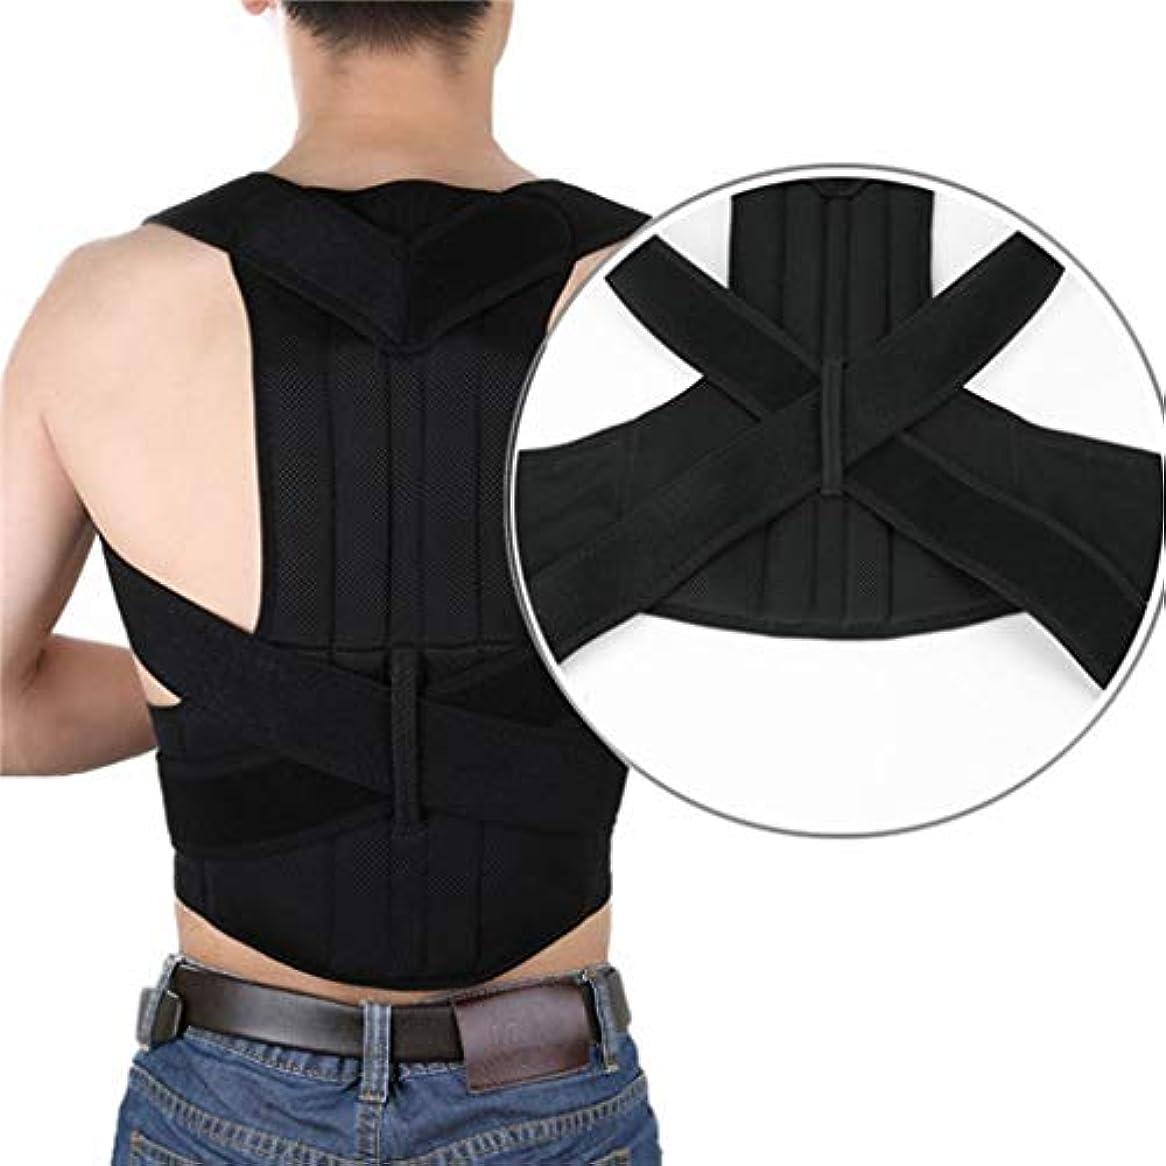 背部サポート姿勢の装具 - 鋼板の背部訂正ベルトが付いている反こぶの背部のため